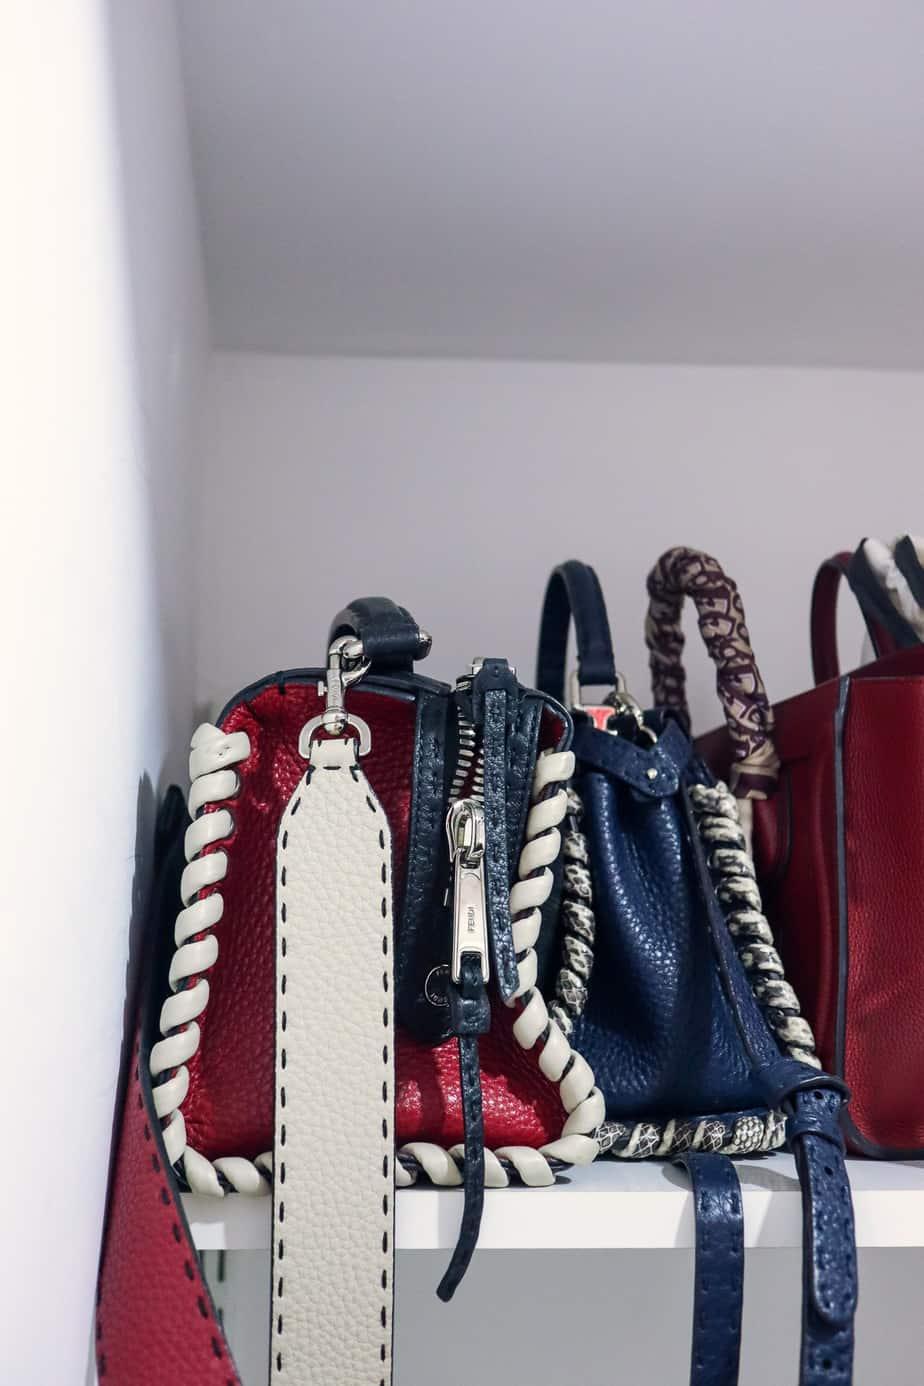 אוסף התיקים של לובה